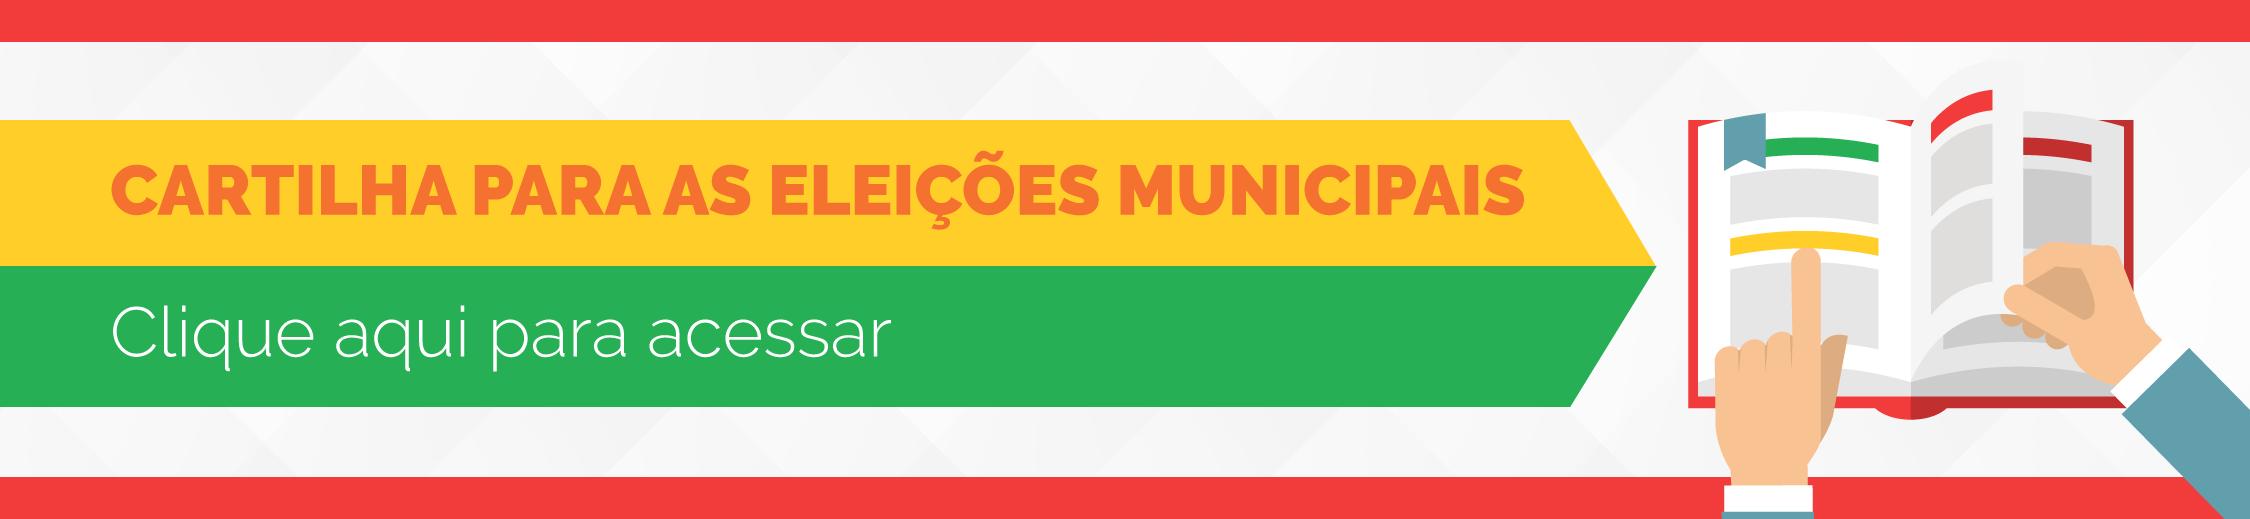 banner-cartilha-eleicoes